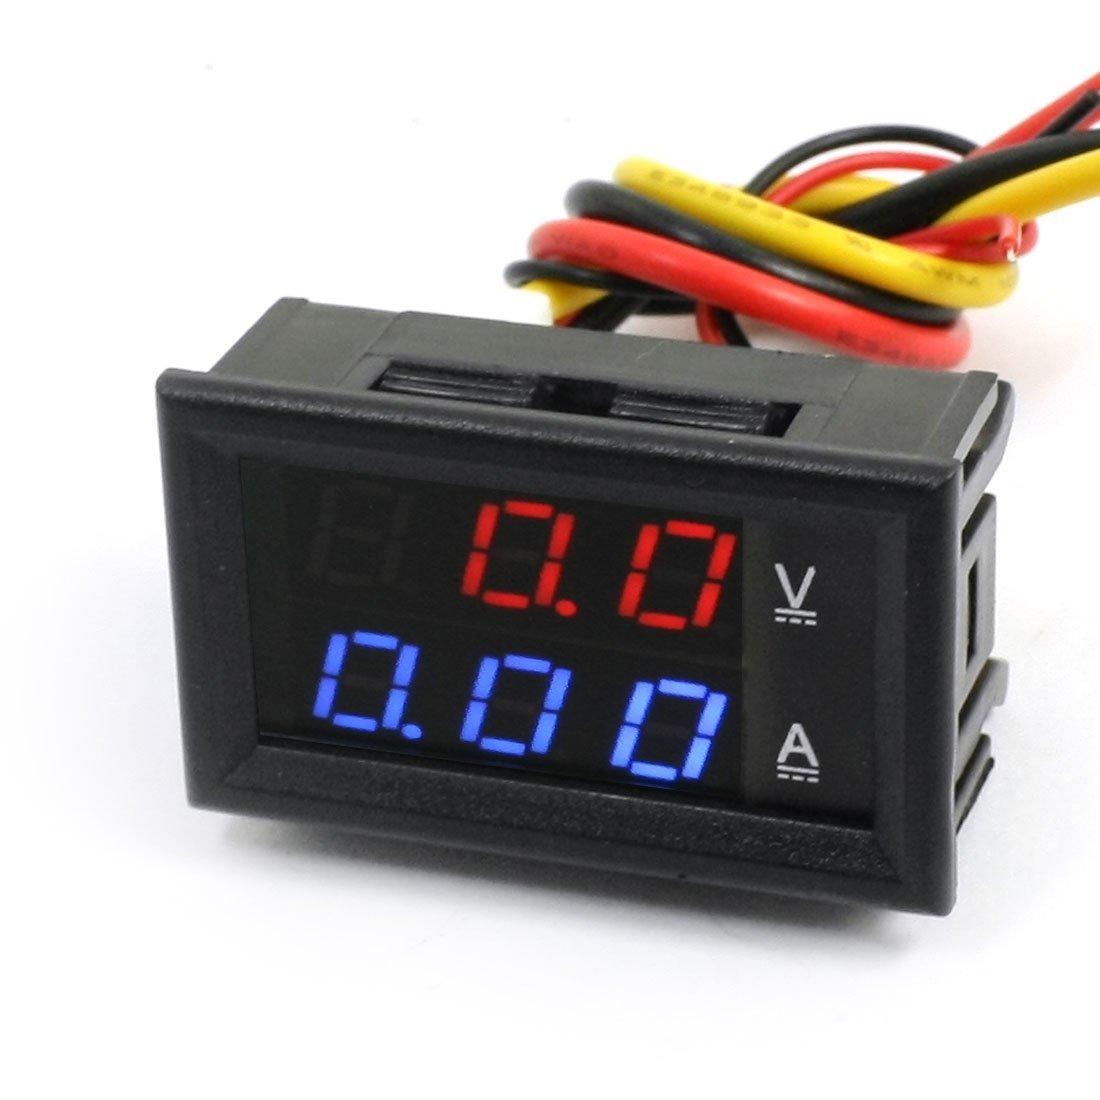 Voltmeter + ampérmeter nastaviteľný 4.5-30V / 0-100V 10A